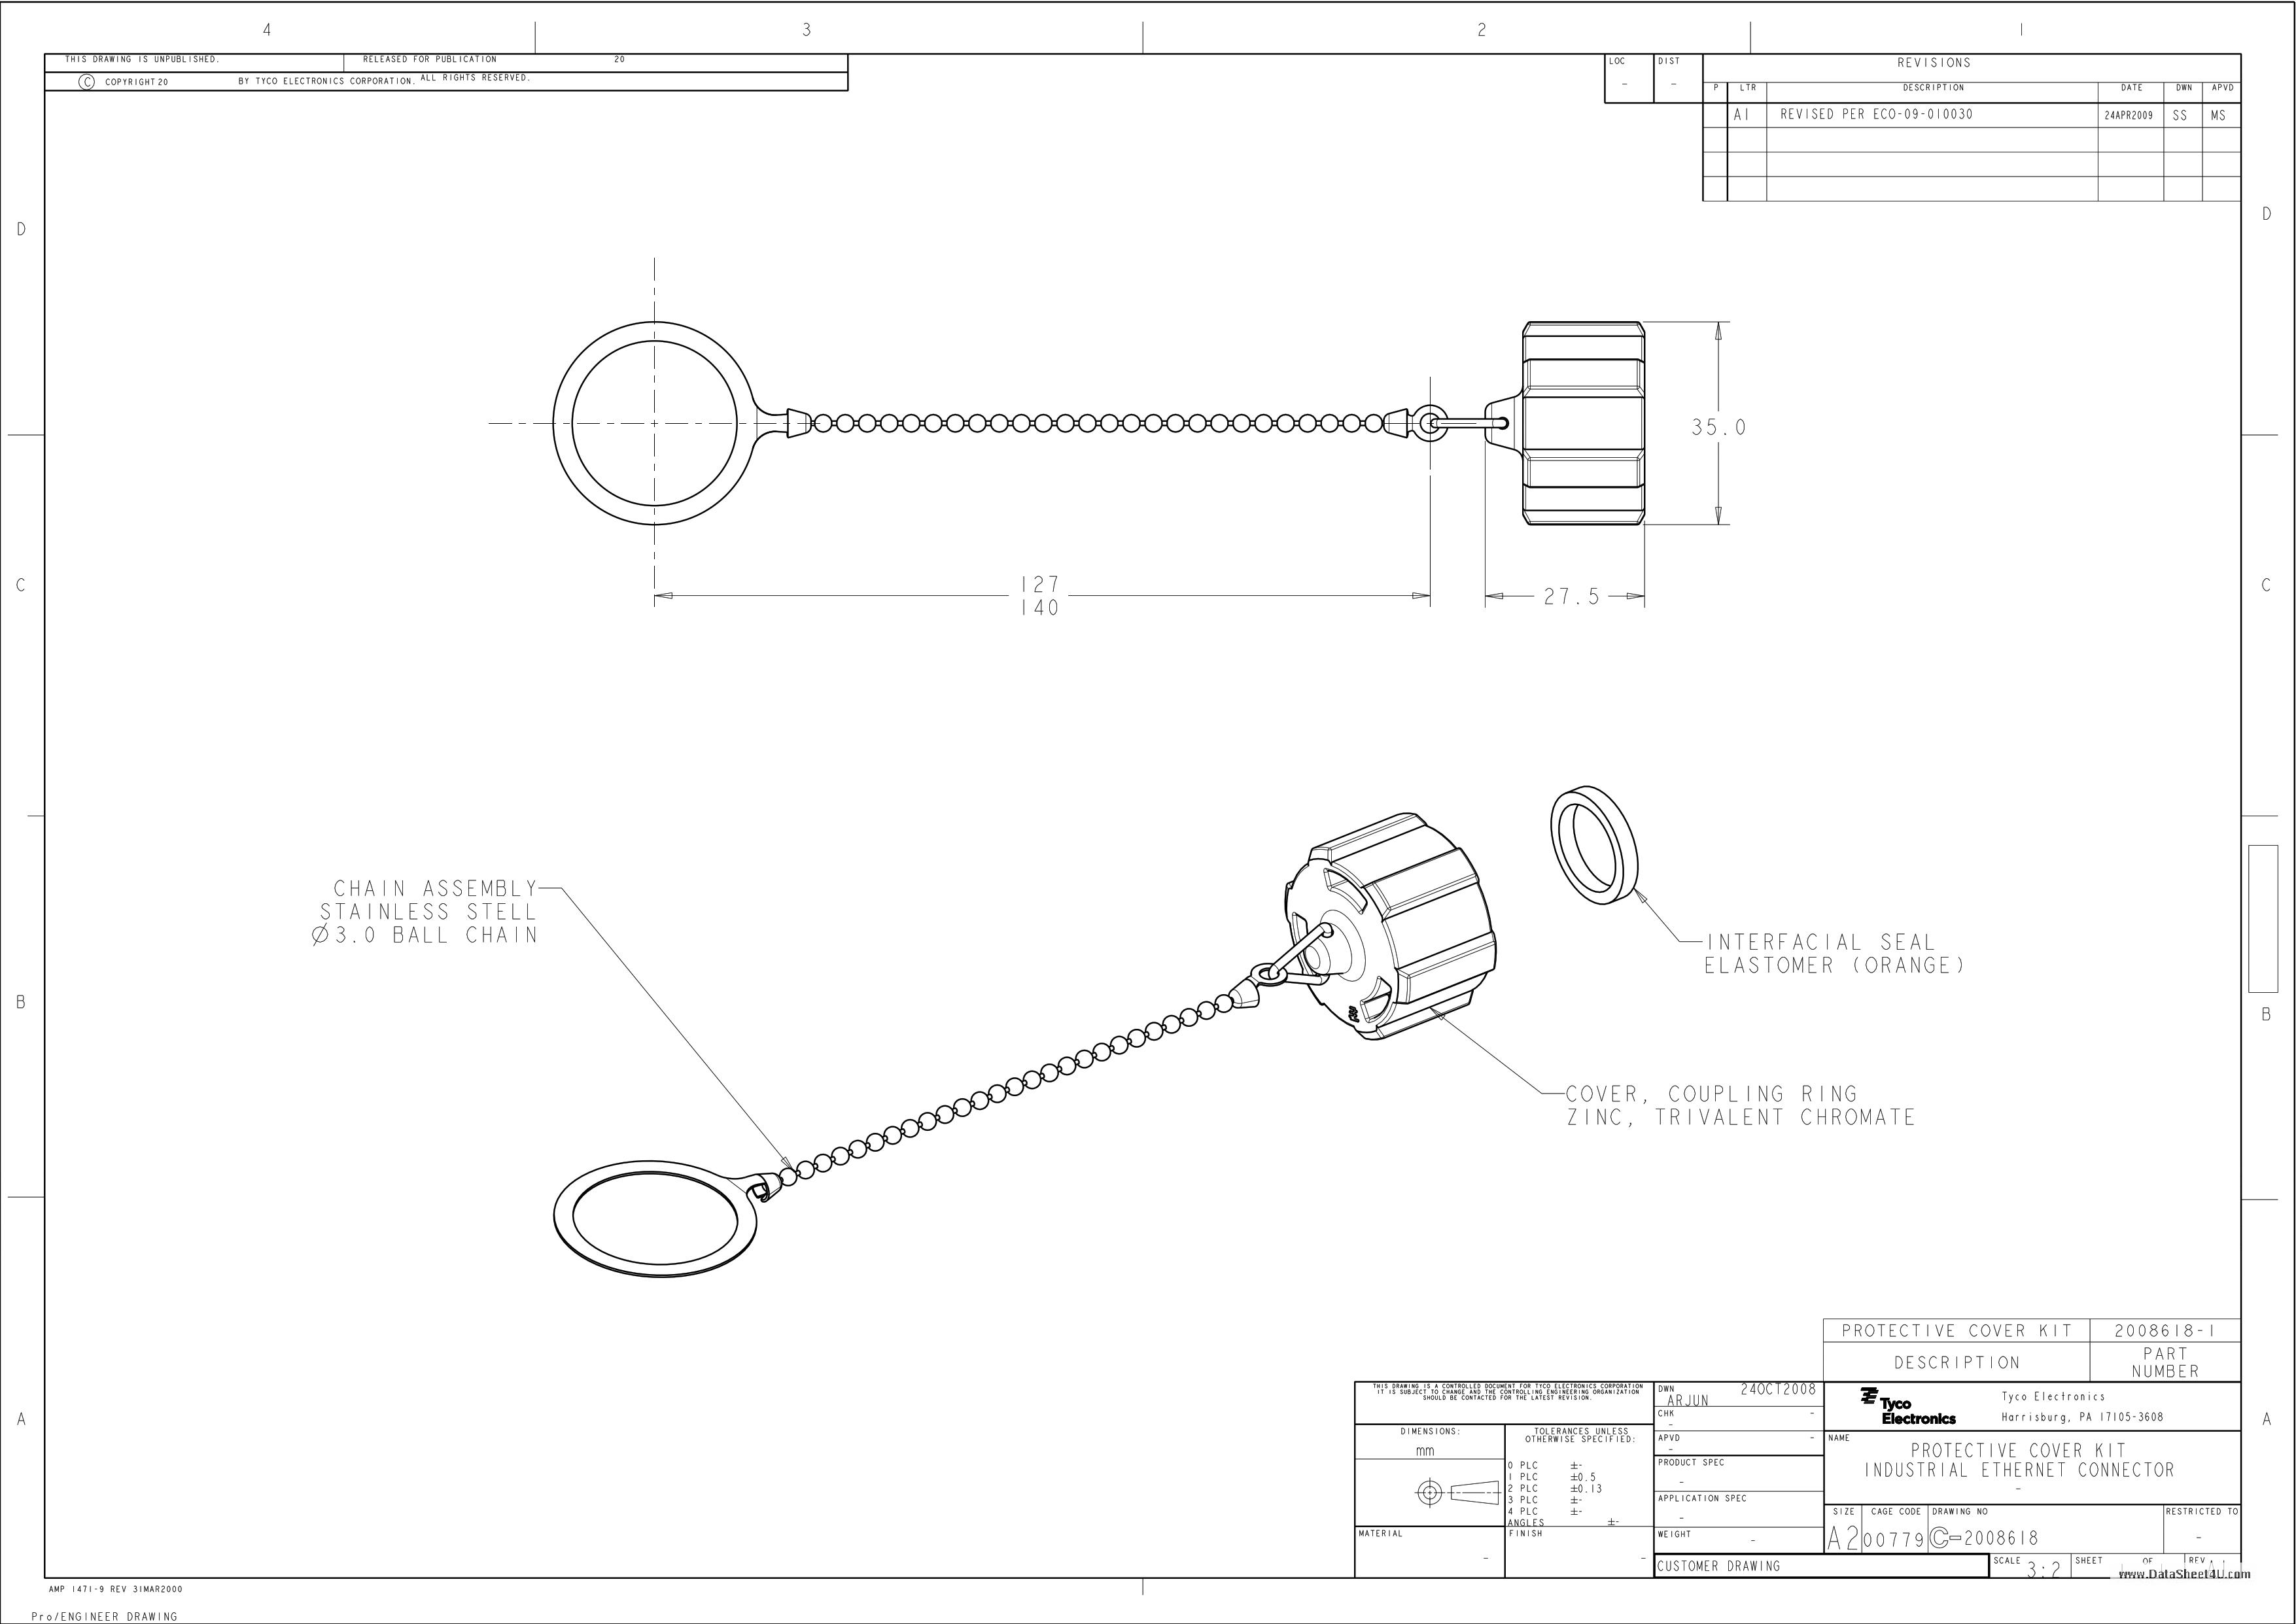 C-2008618 datasheet